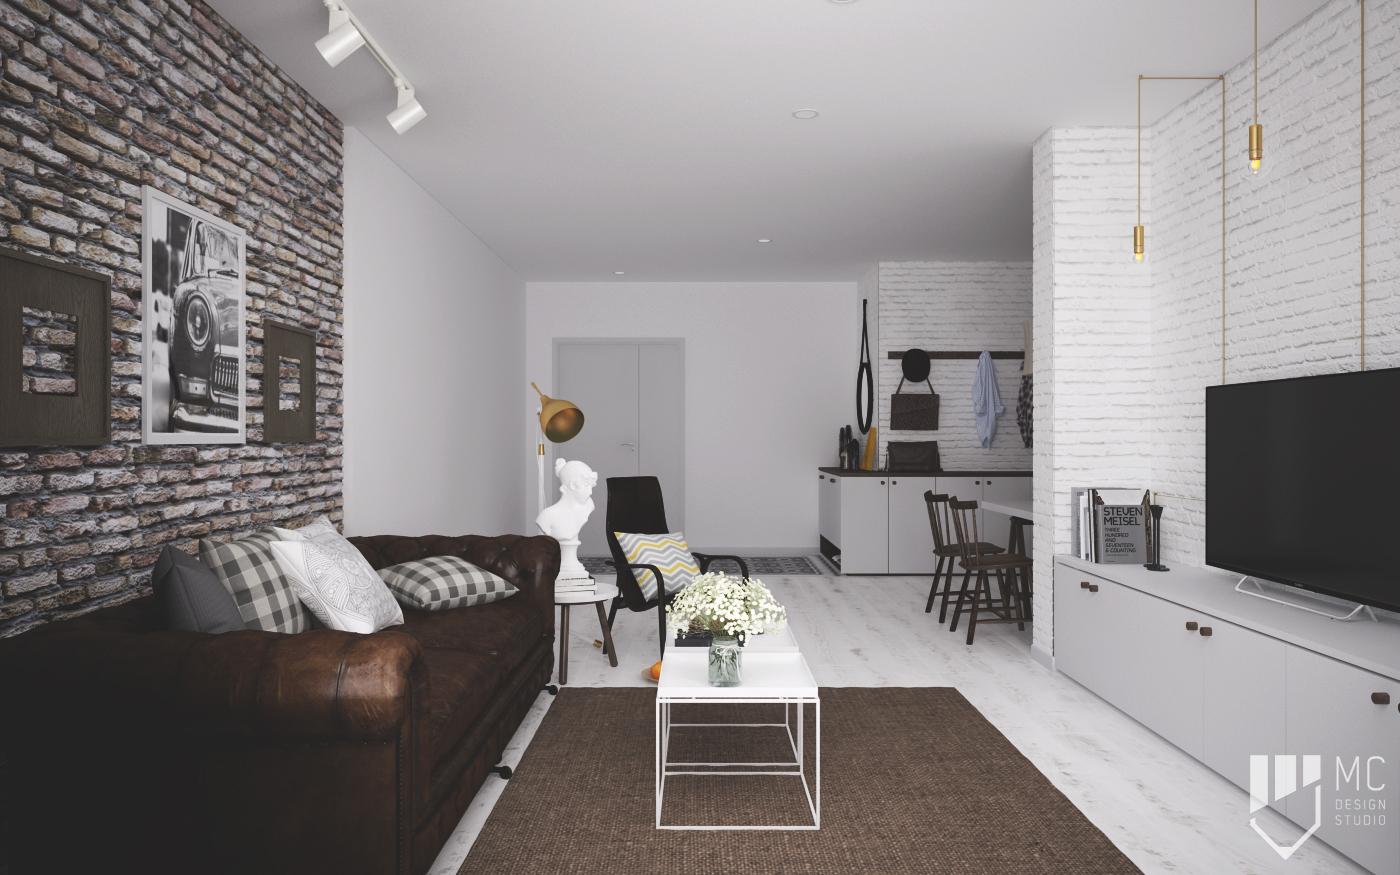 Thiết kế nội thất Chung Cư tại Hồ Chí Minh Sunrise City Apartment 1588400532 1